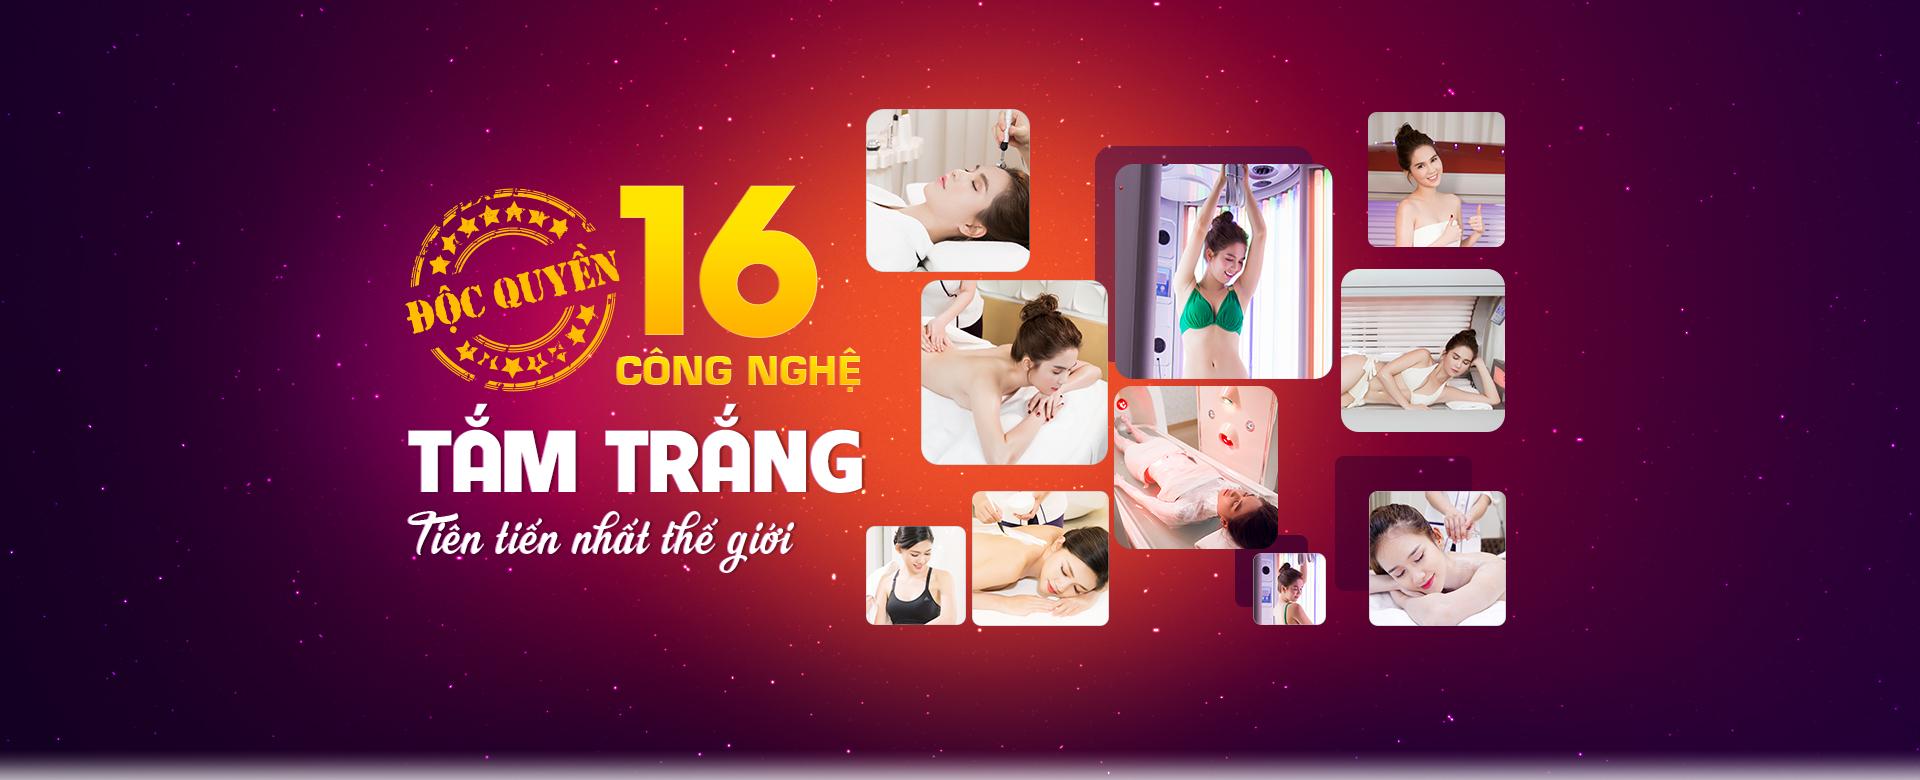 Slide_CongngheTamtrang